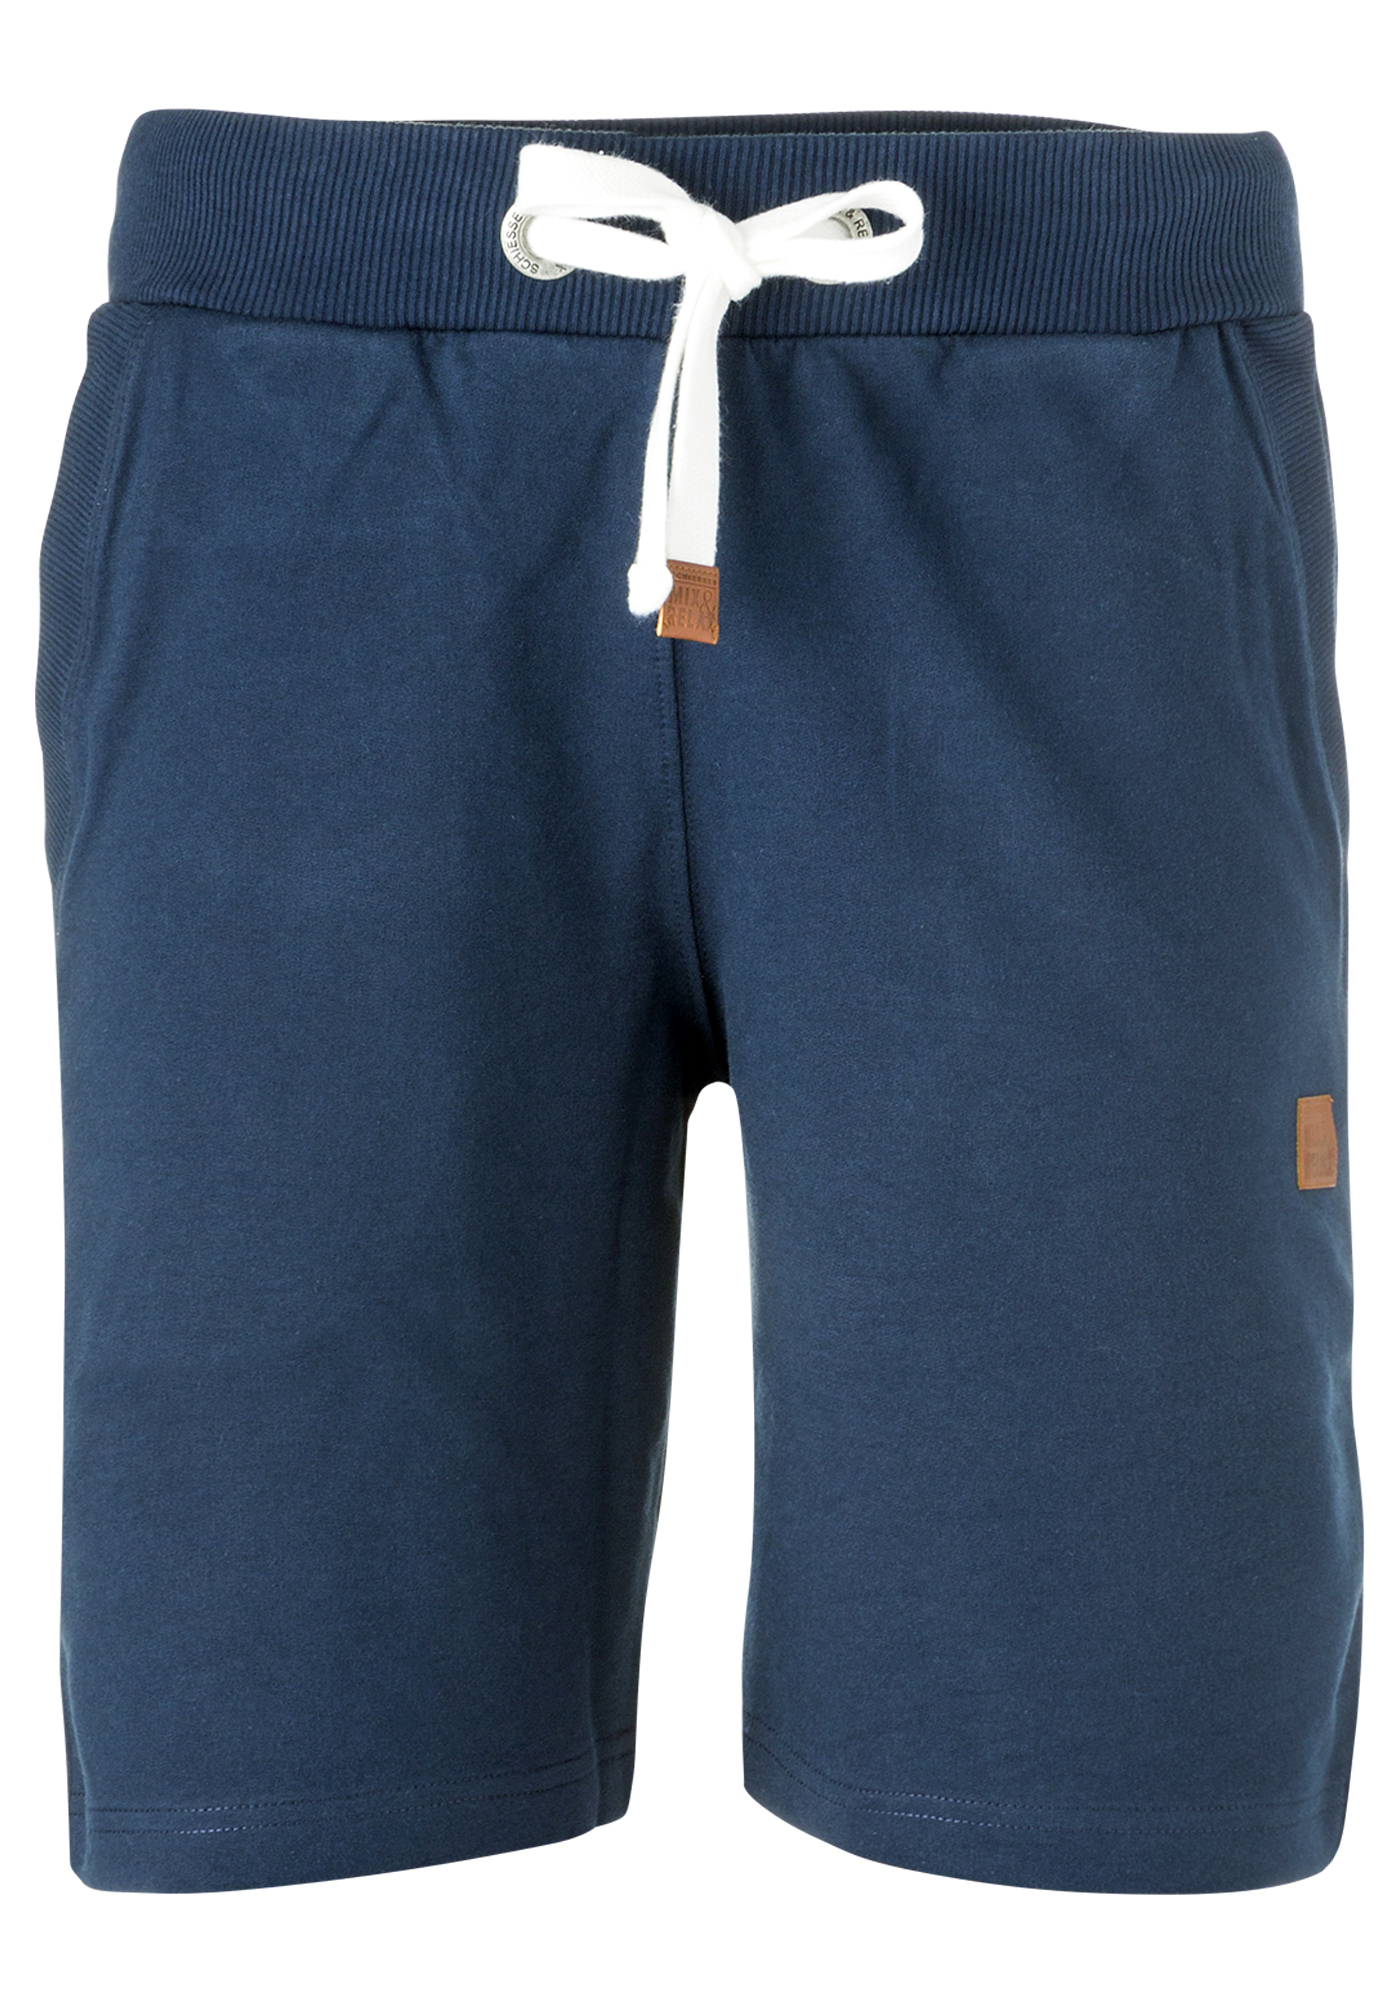 Schiesser heren lounge korte broek, blauw   gratis verzending